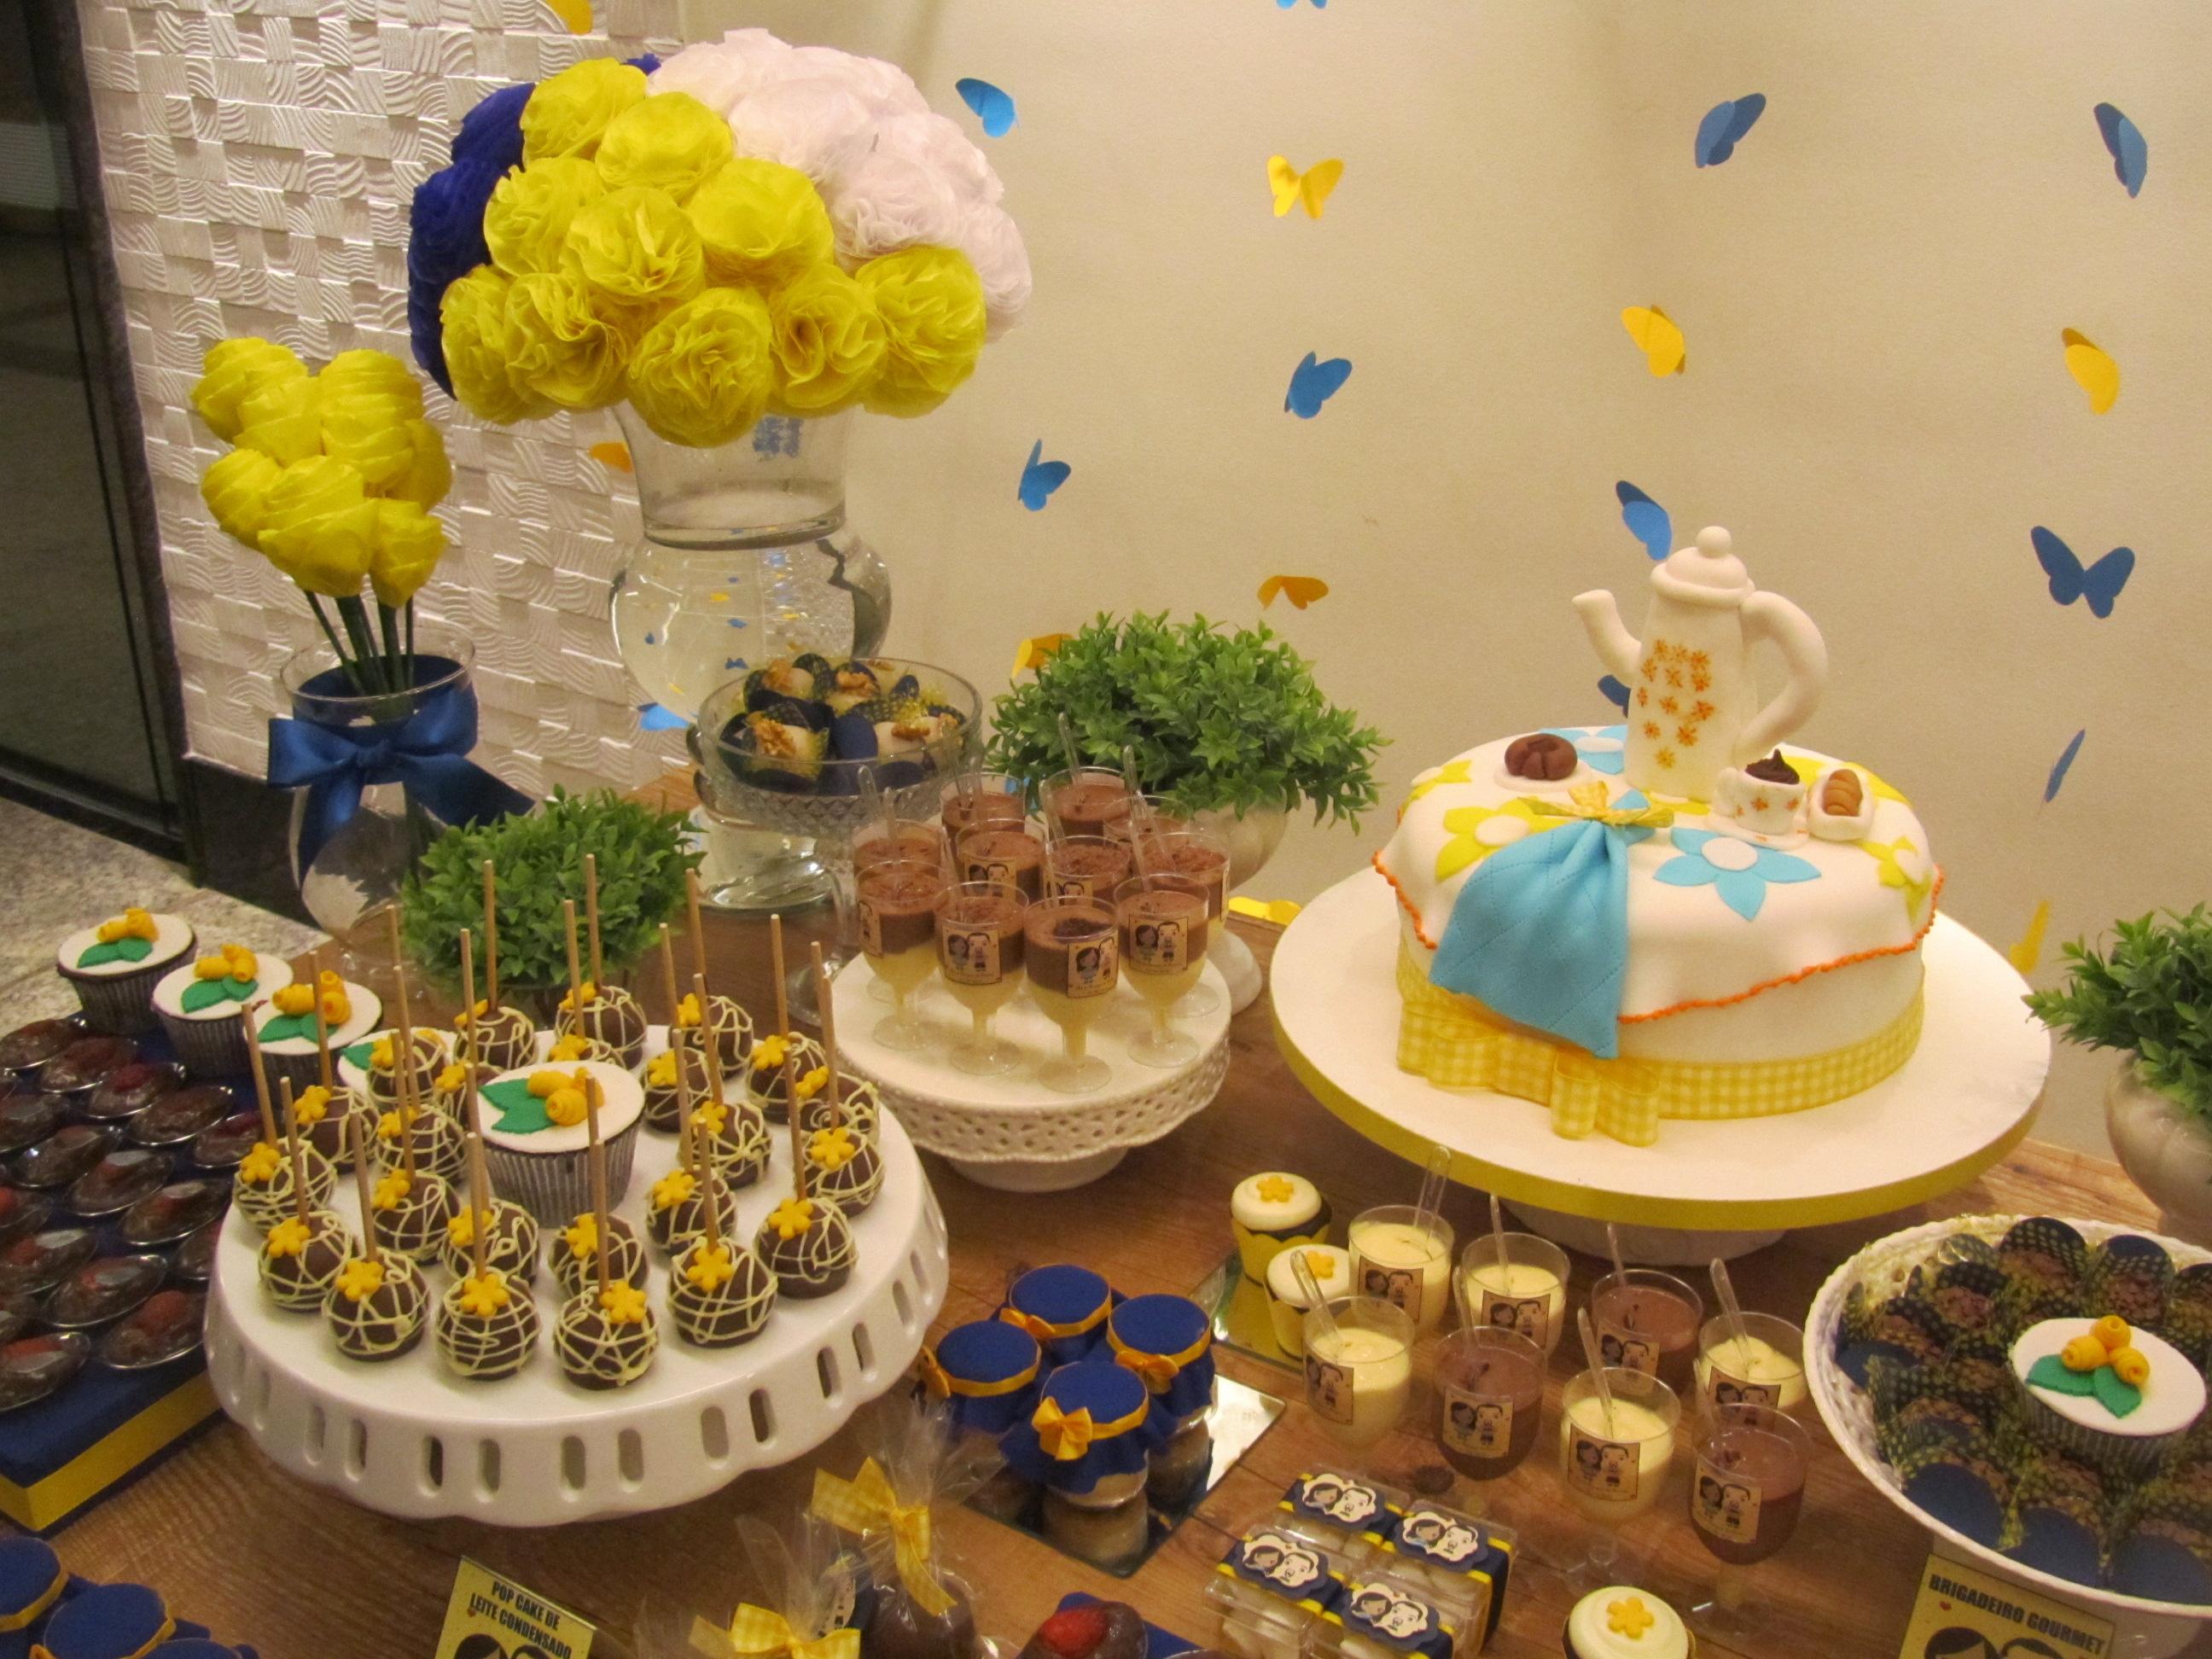 decoração para chá de cozinha amarela